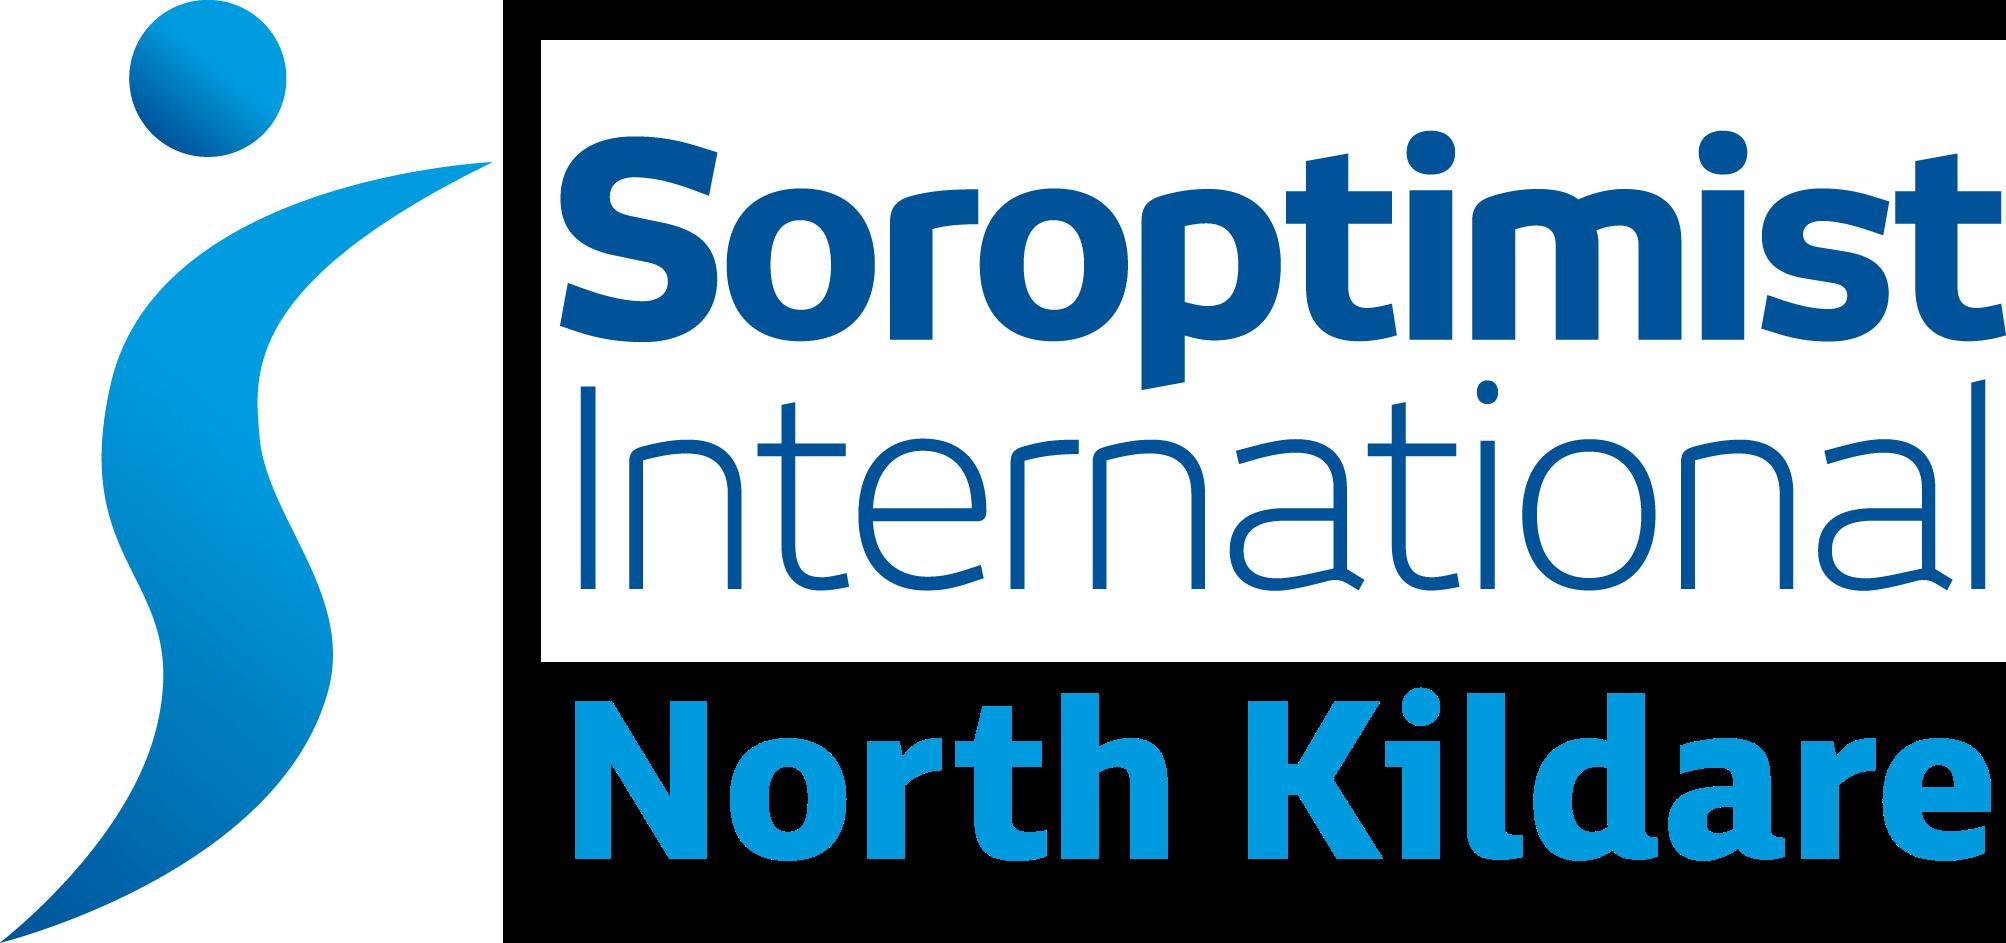 Soroptimist International North Kildare